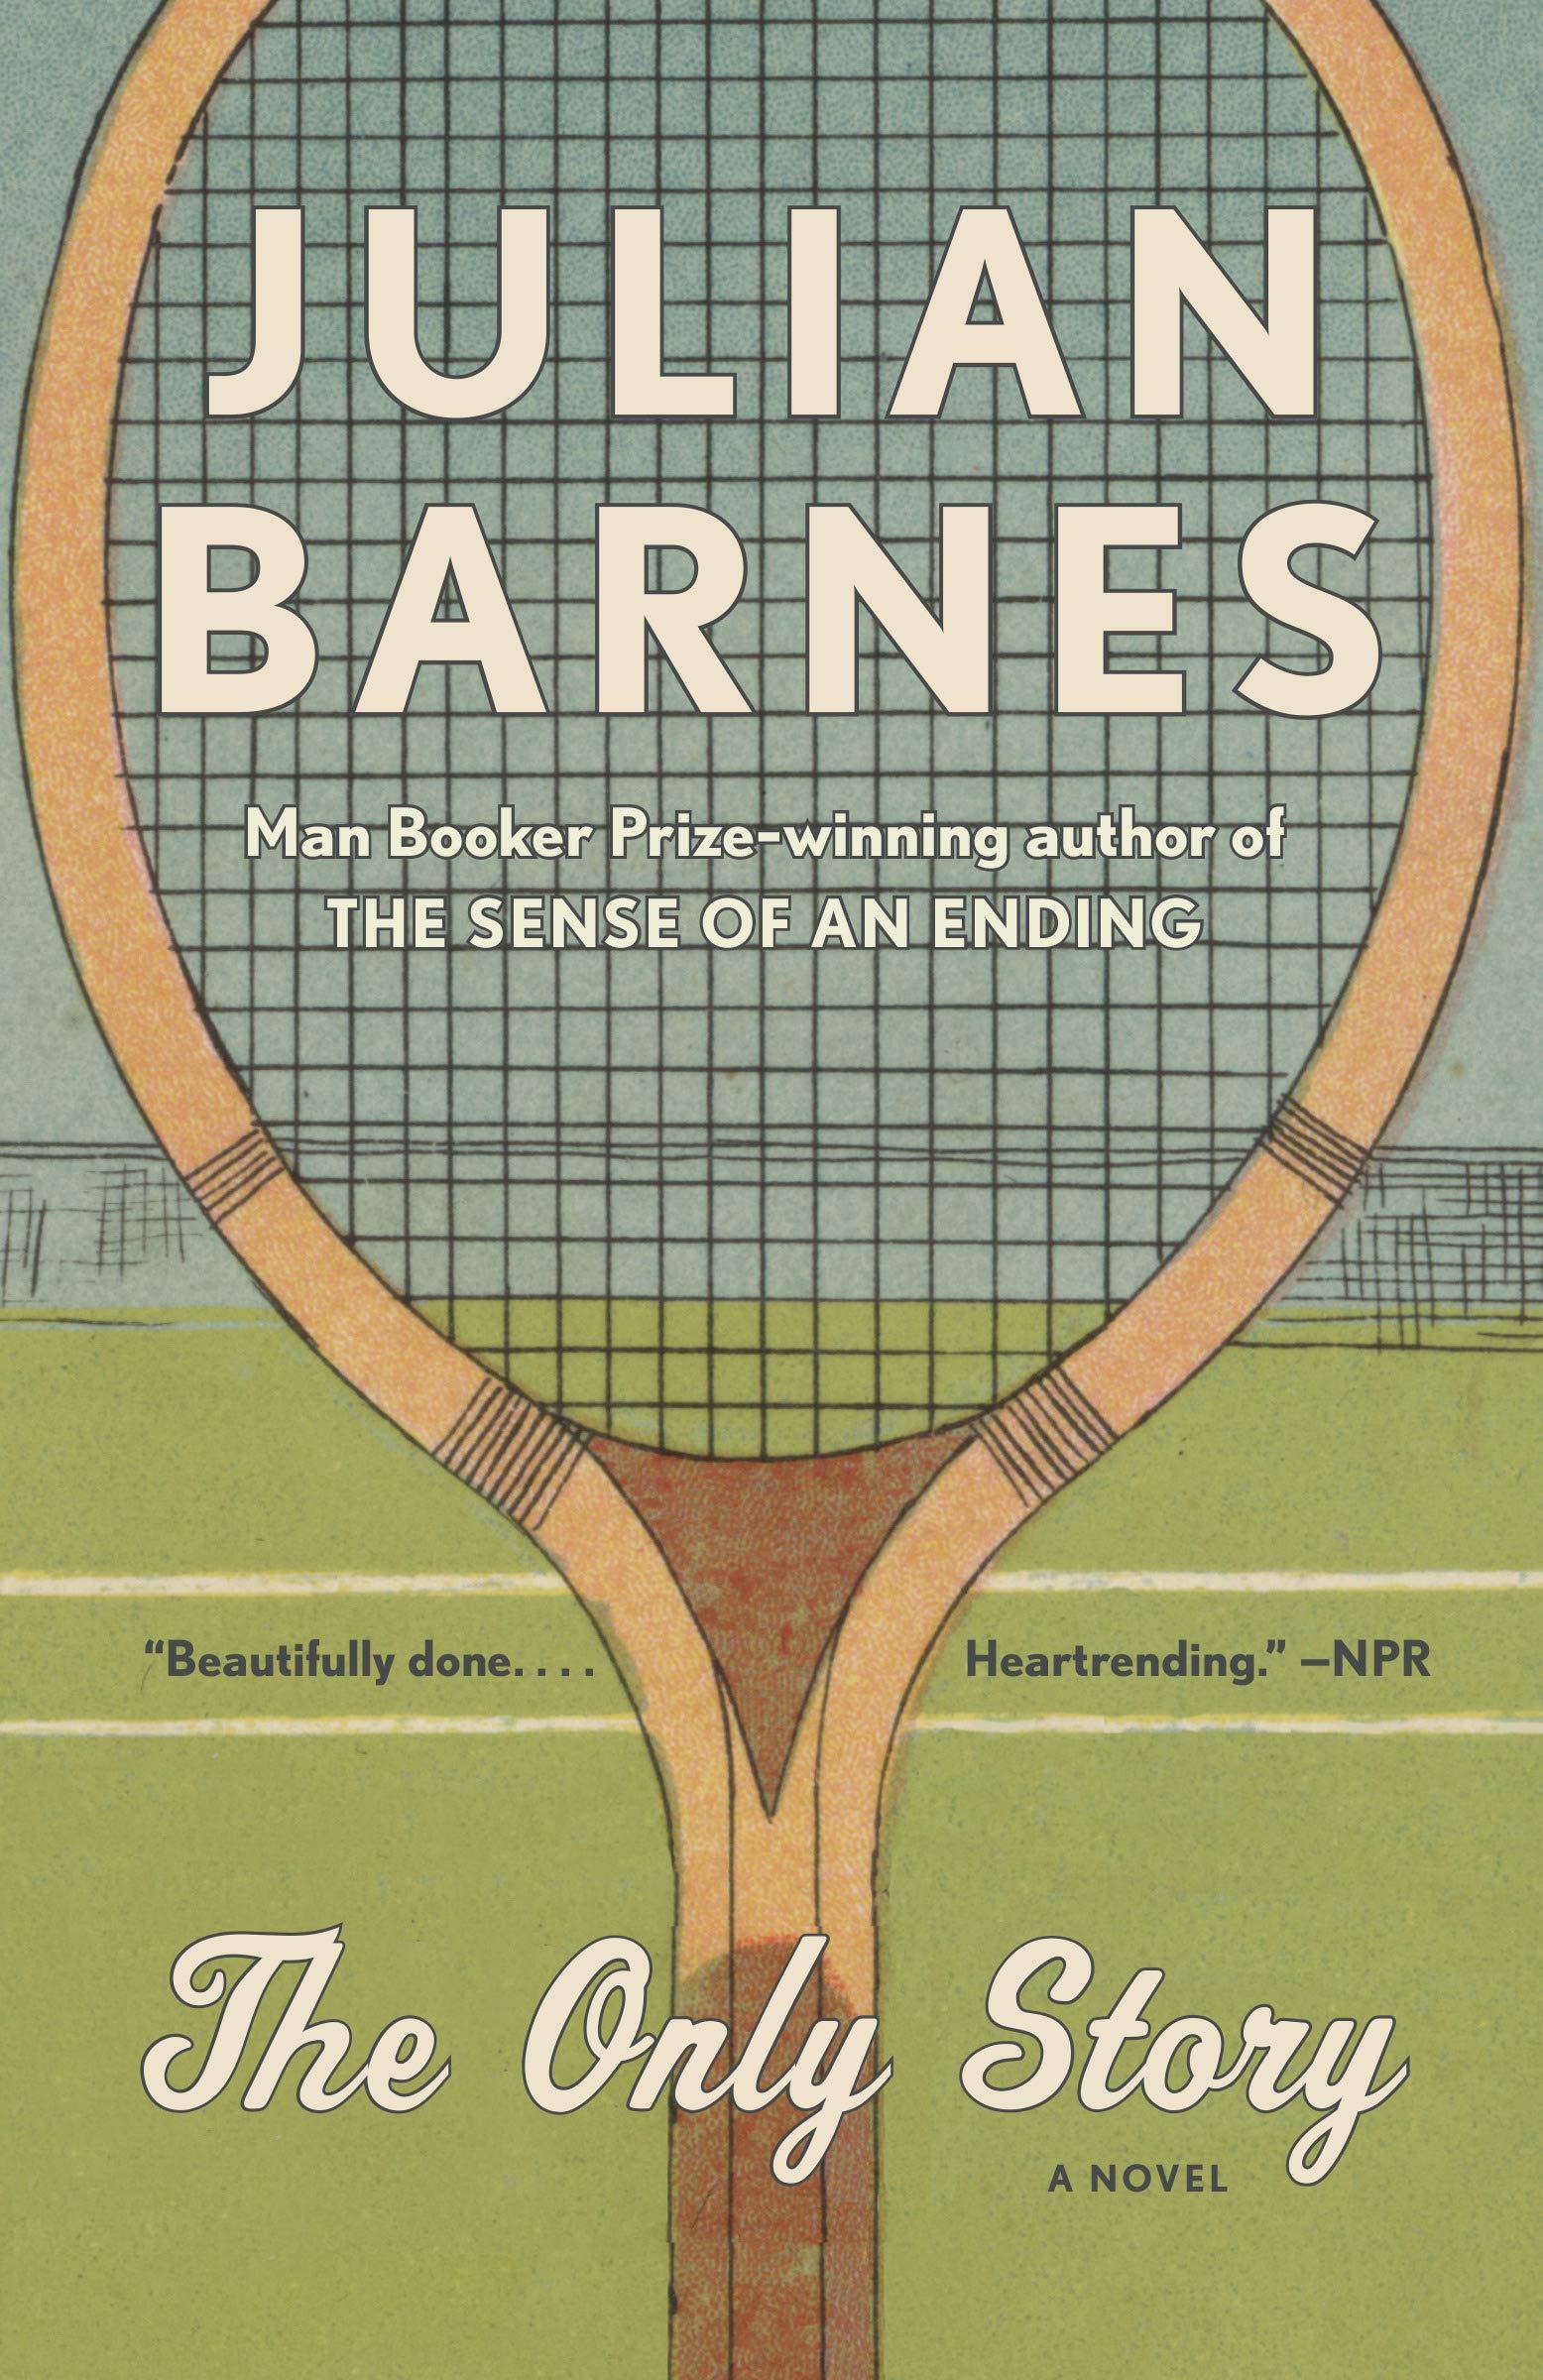 The Only Story (Vintage International): Amazon.es: Julian Barnes: Libros en idiomas extranjeros